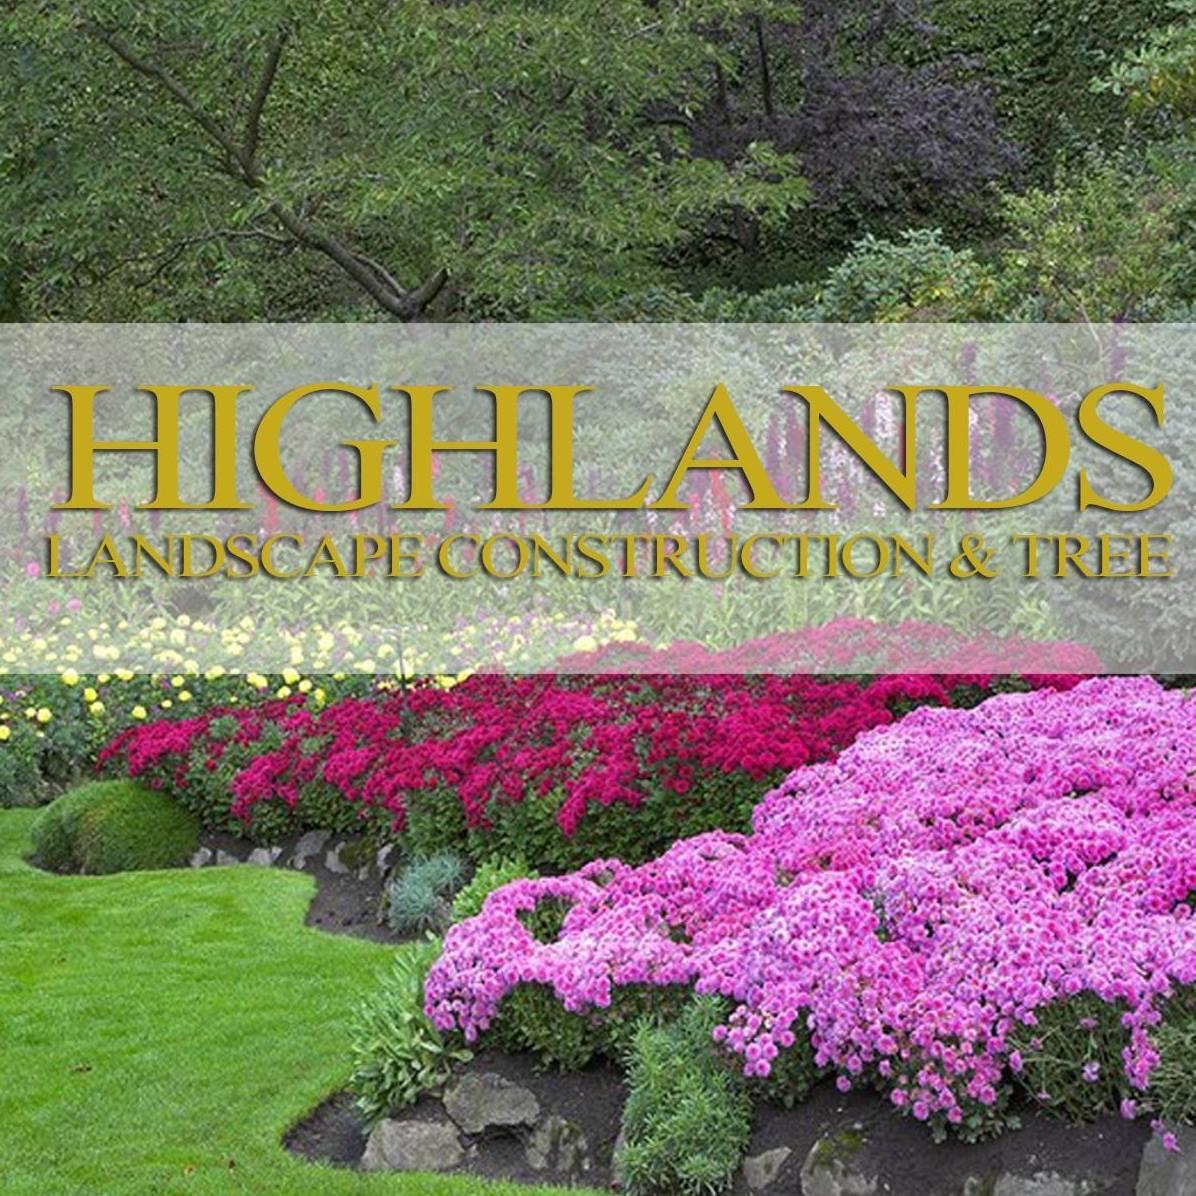 Highlands Landscape Construction